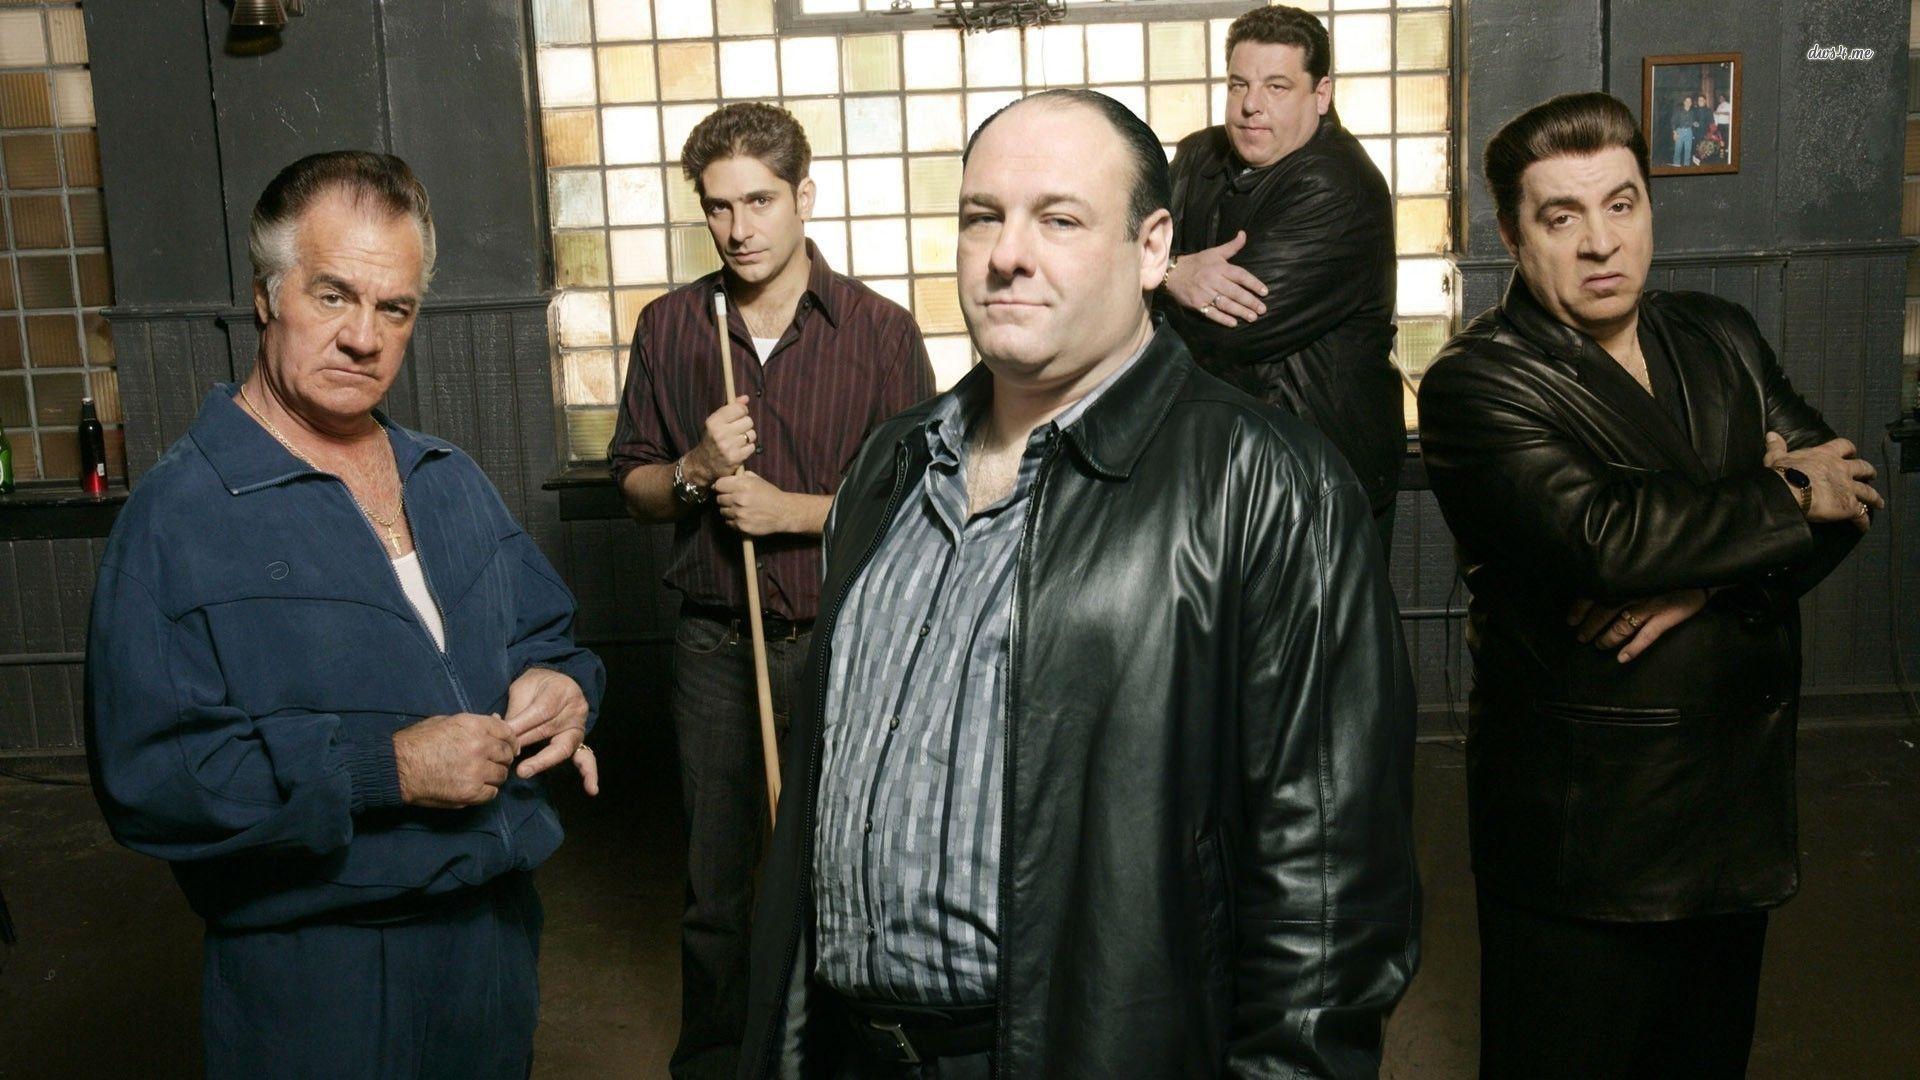 Sopranos-előzményfilmet készít David Chase